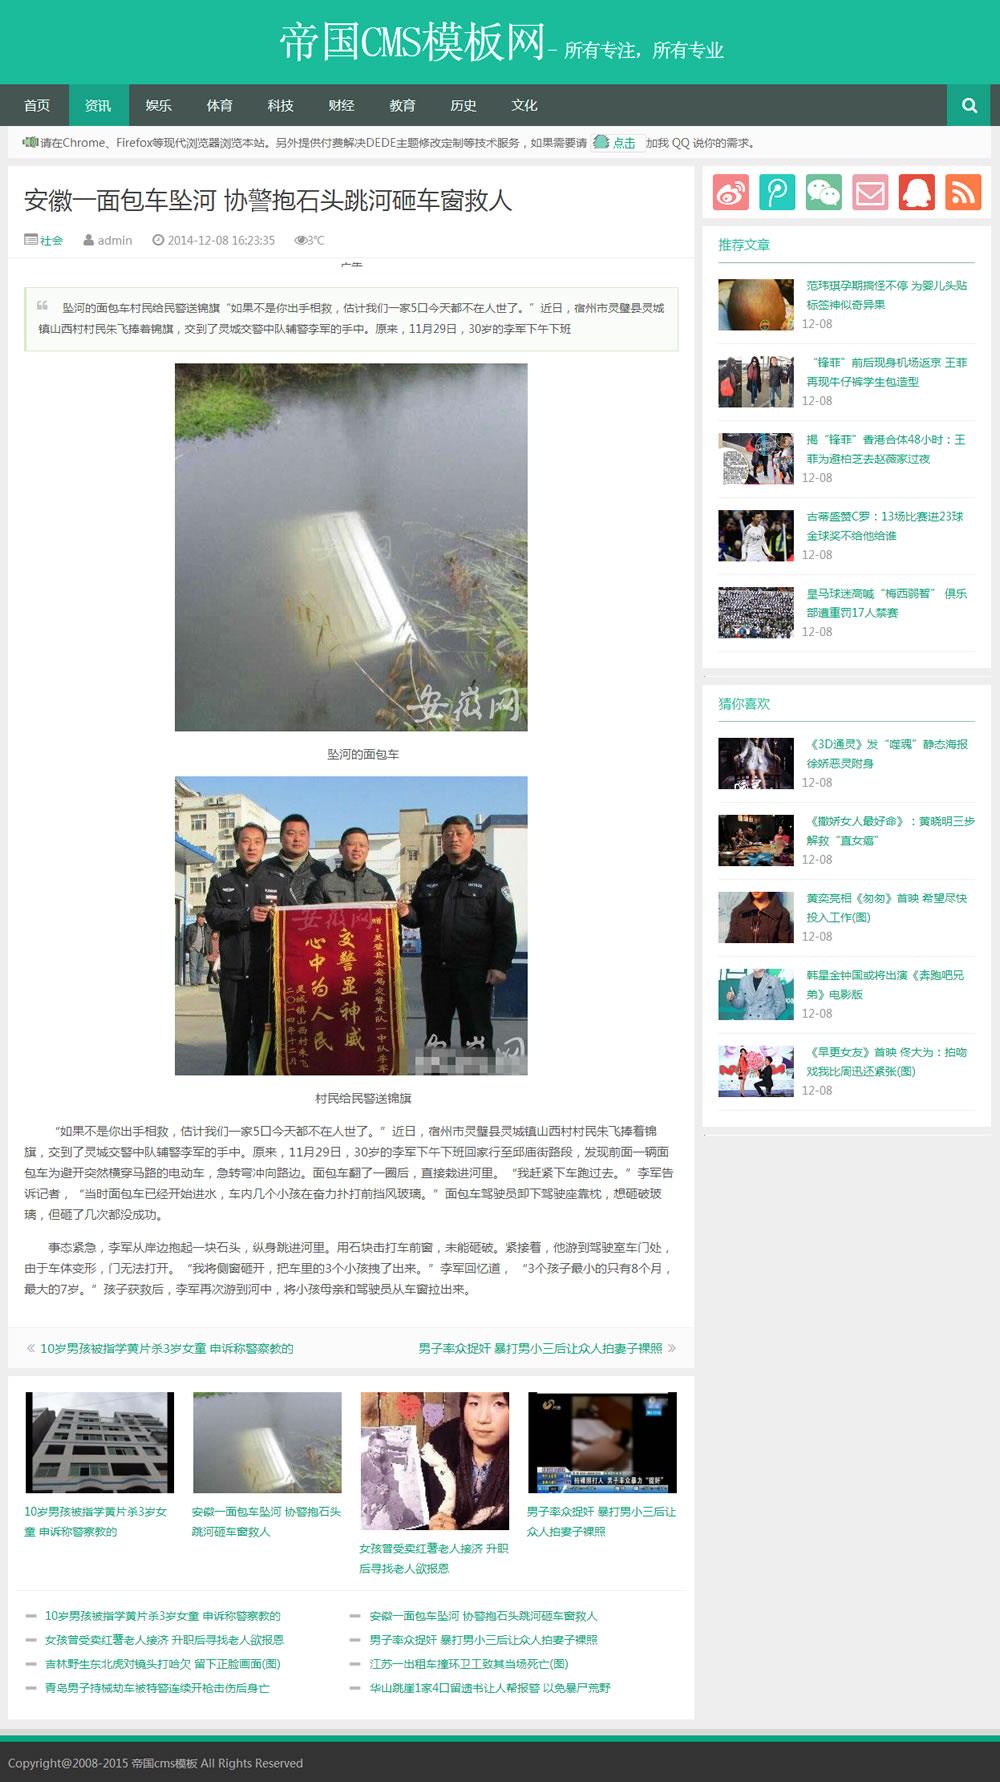 绿色帝国cms自适应手机版新闻博客文章类模板_内容页模板